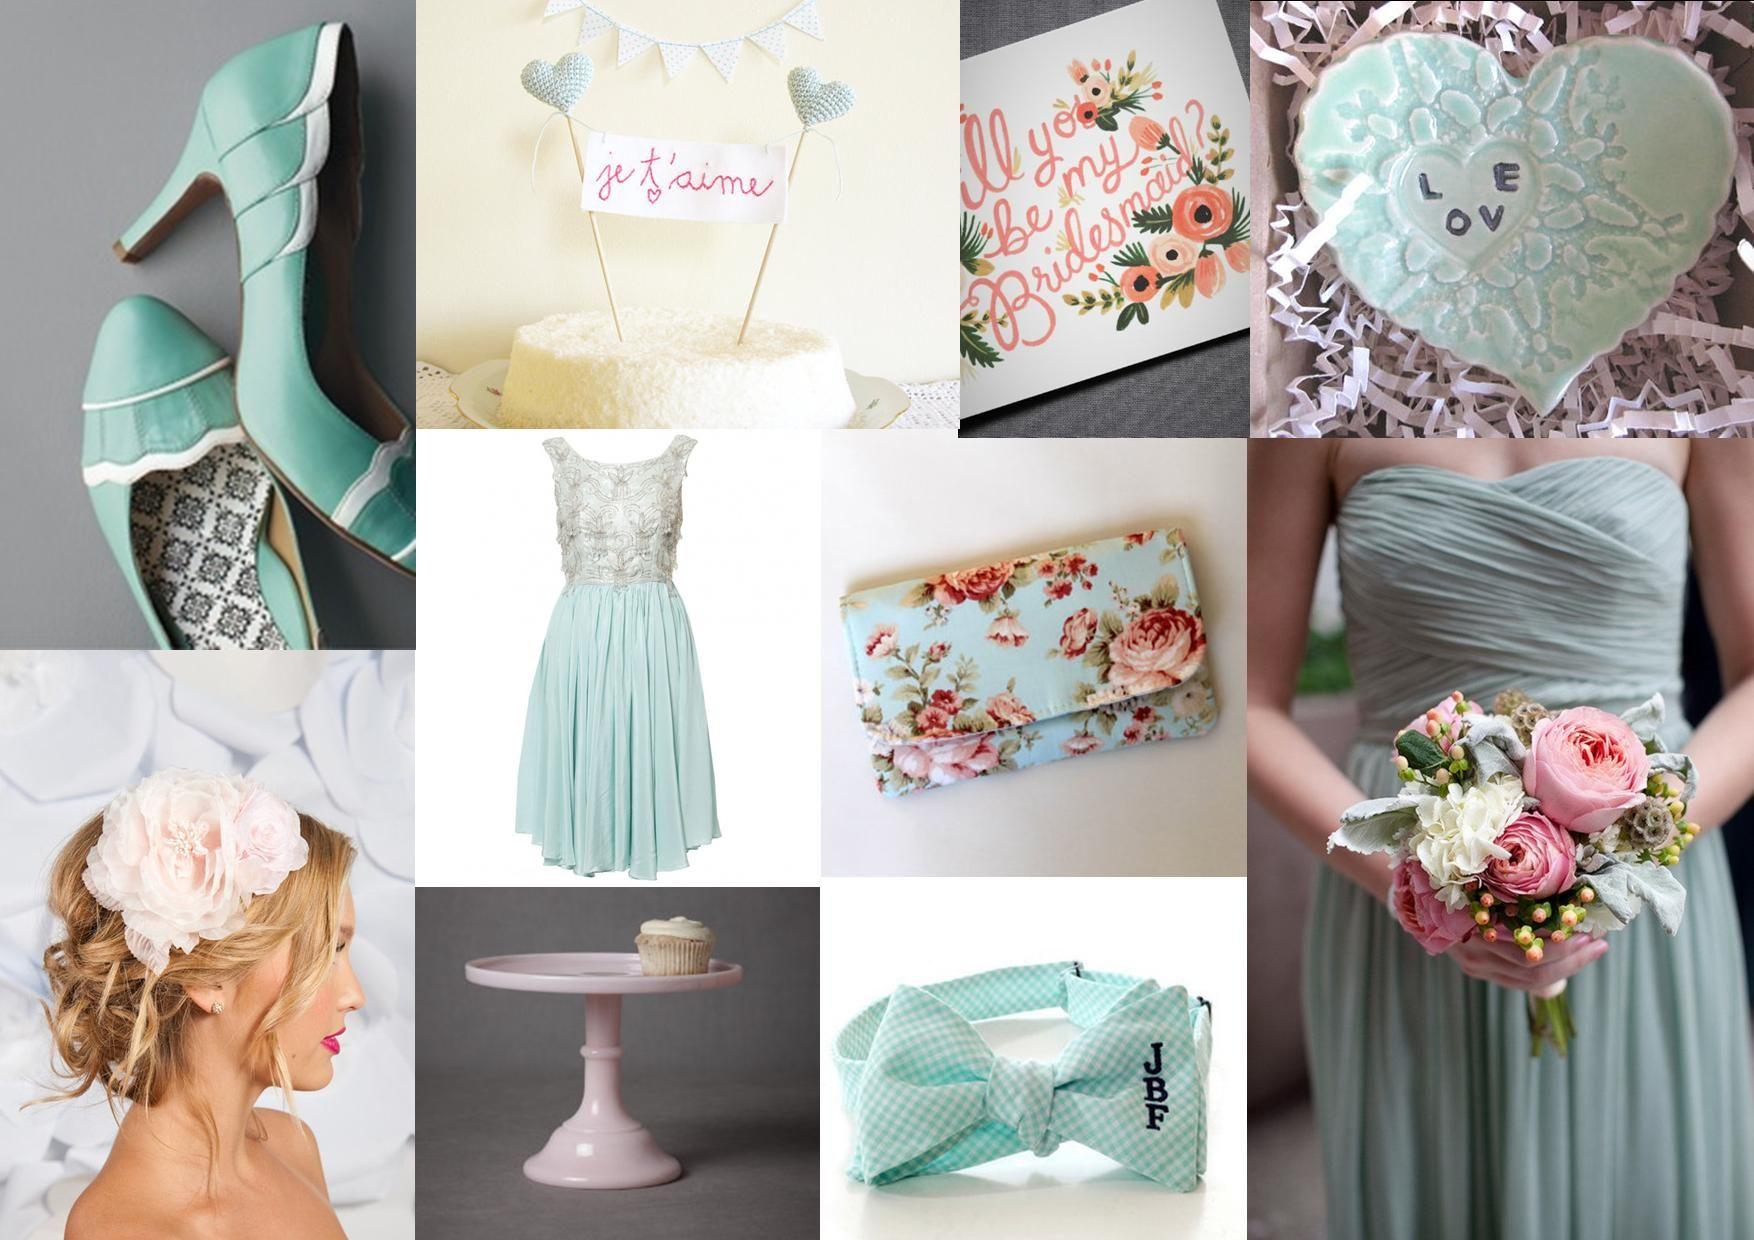 october wedding inspiration   Wedding cake, Weddings and Blush ...